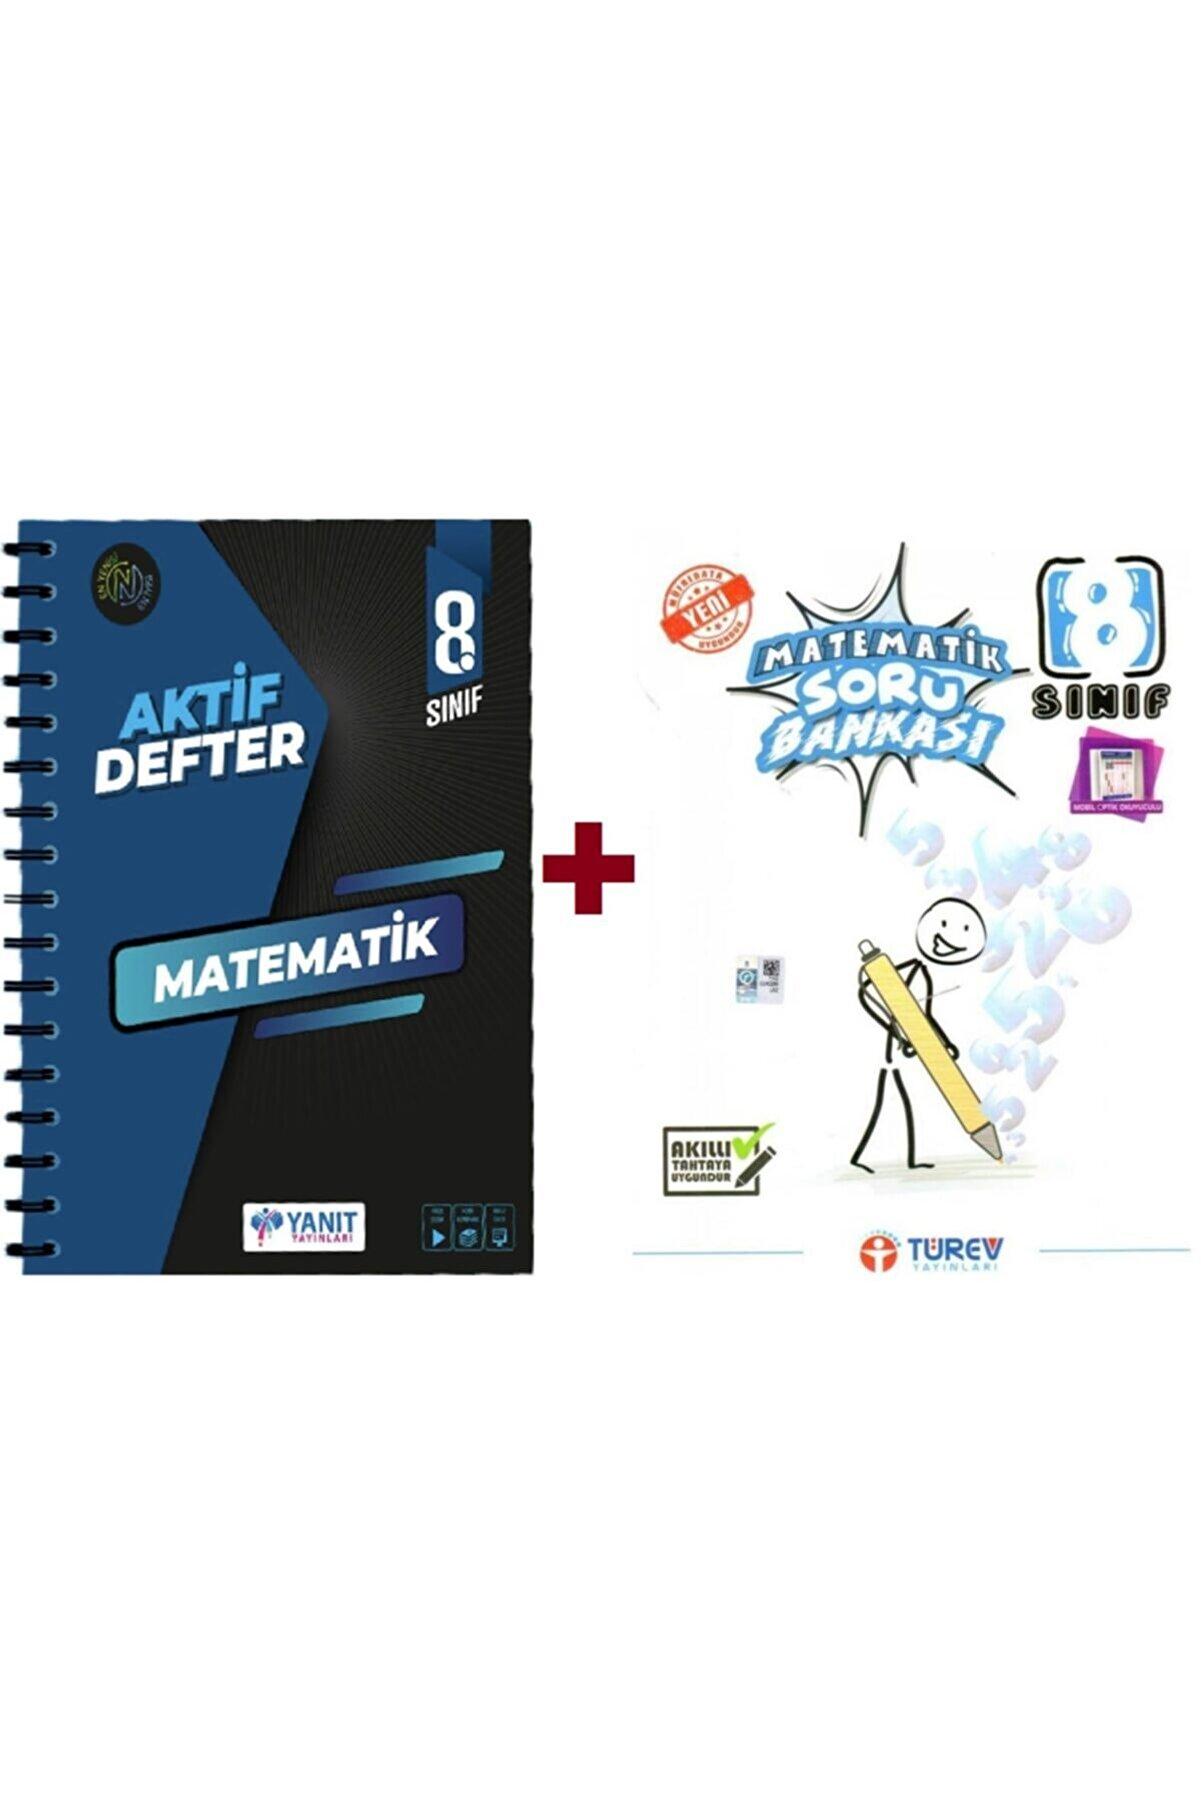 Yanıt Yayınları Yanıt 8. Sınıf Matematik Aktif Defter + Matematik Soru Bankası Ilave